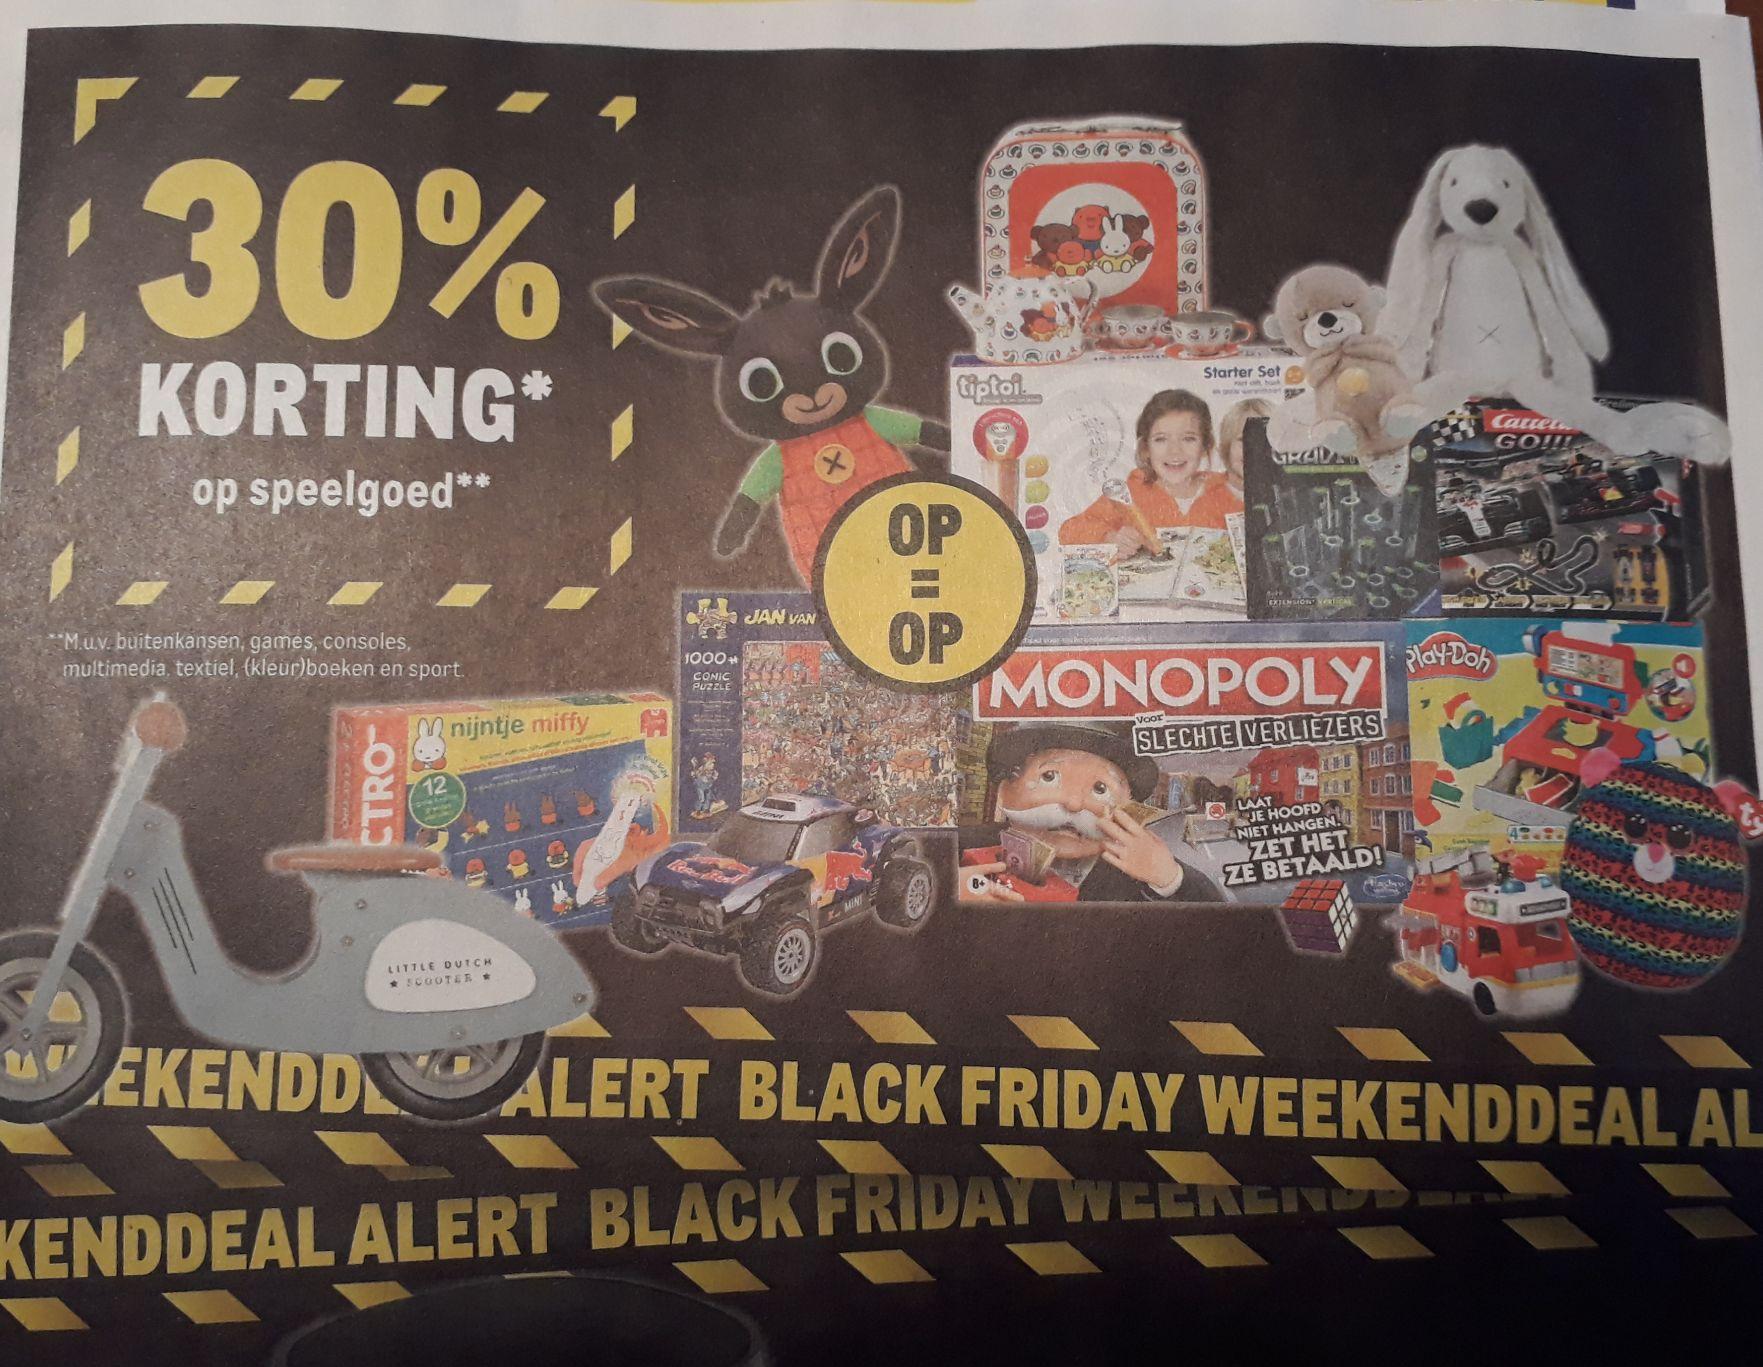 30% korting op al het speelgoed (o.a lego en bord/kaartspellen) @makro black friday deals